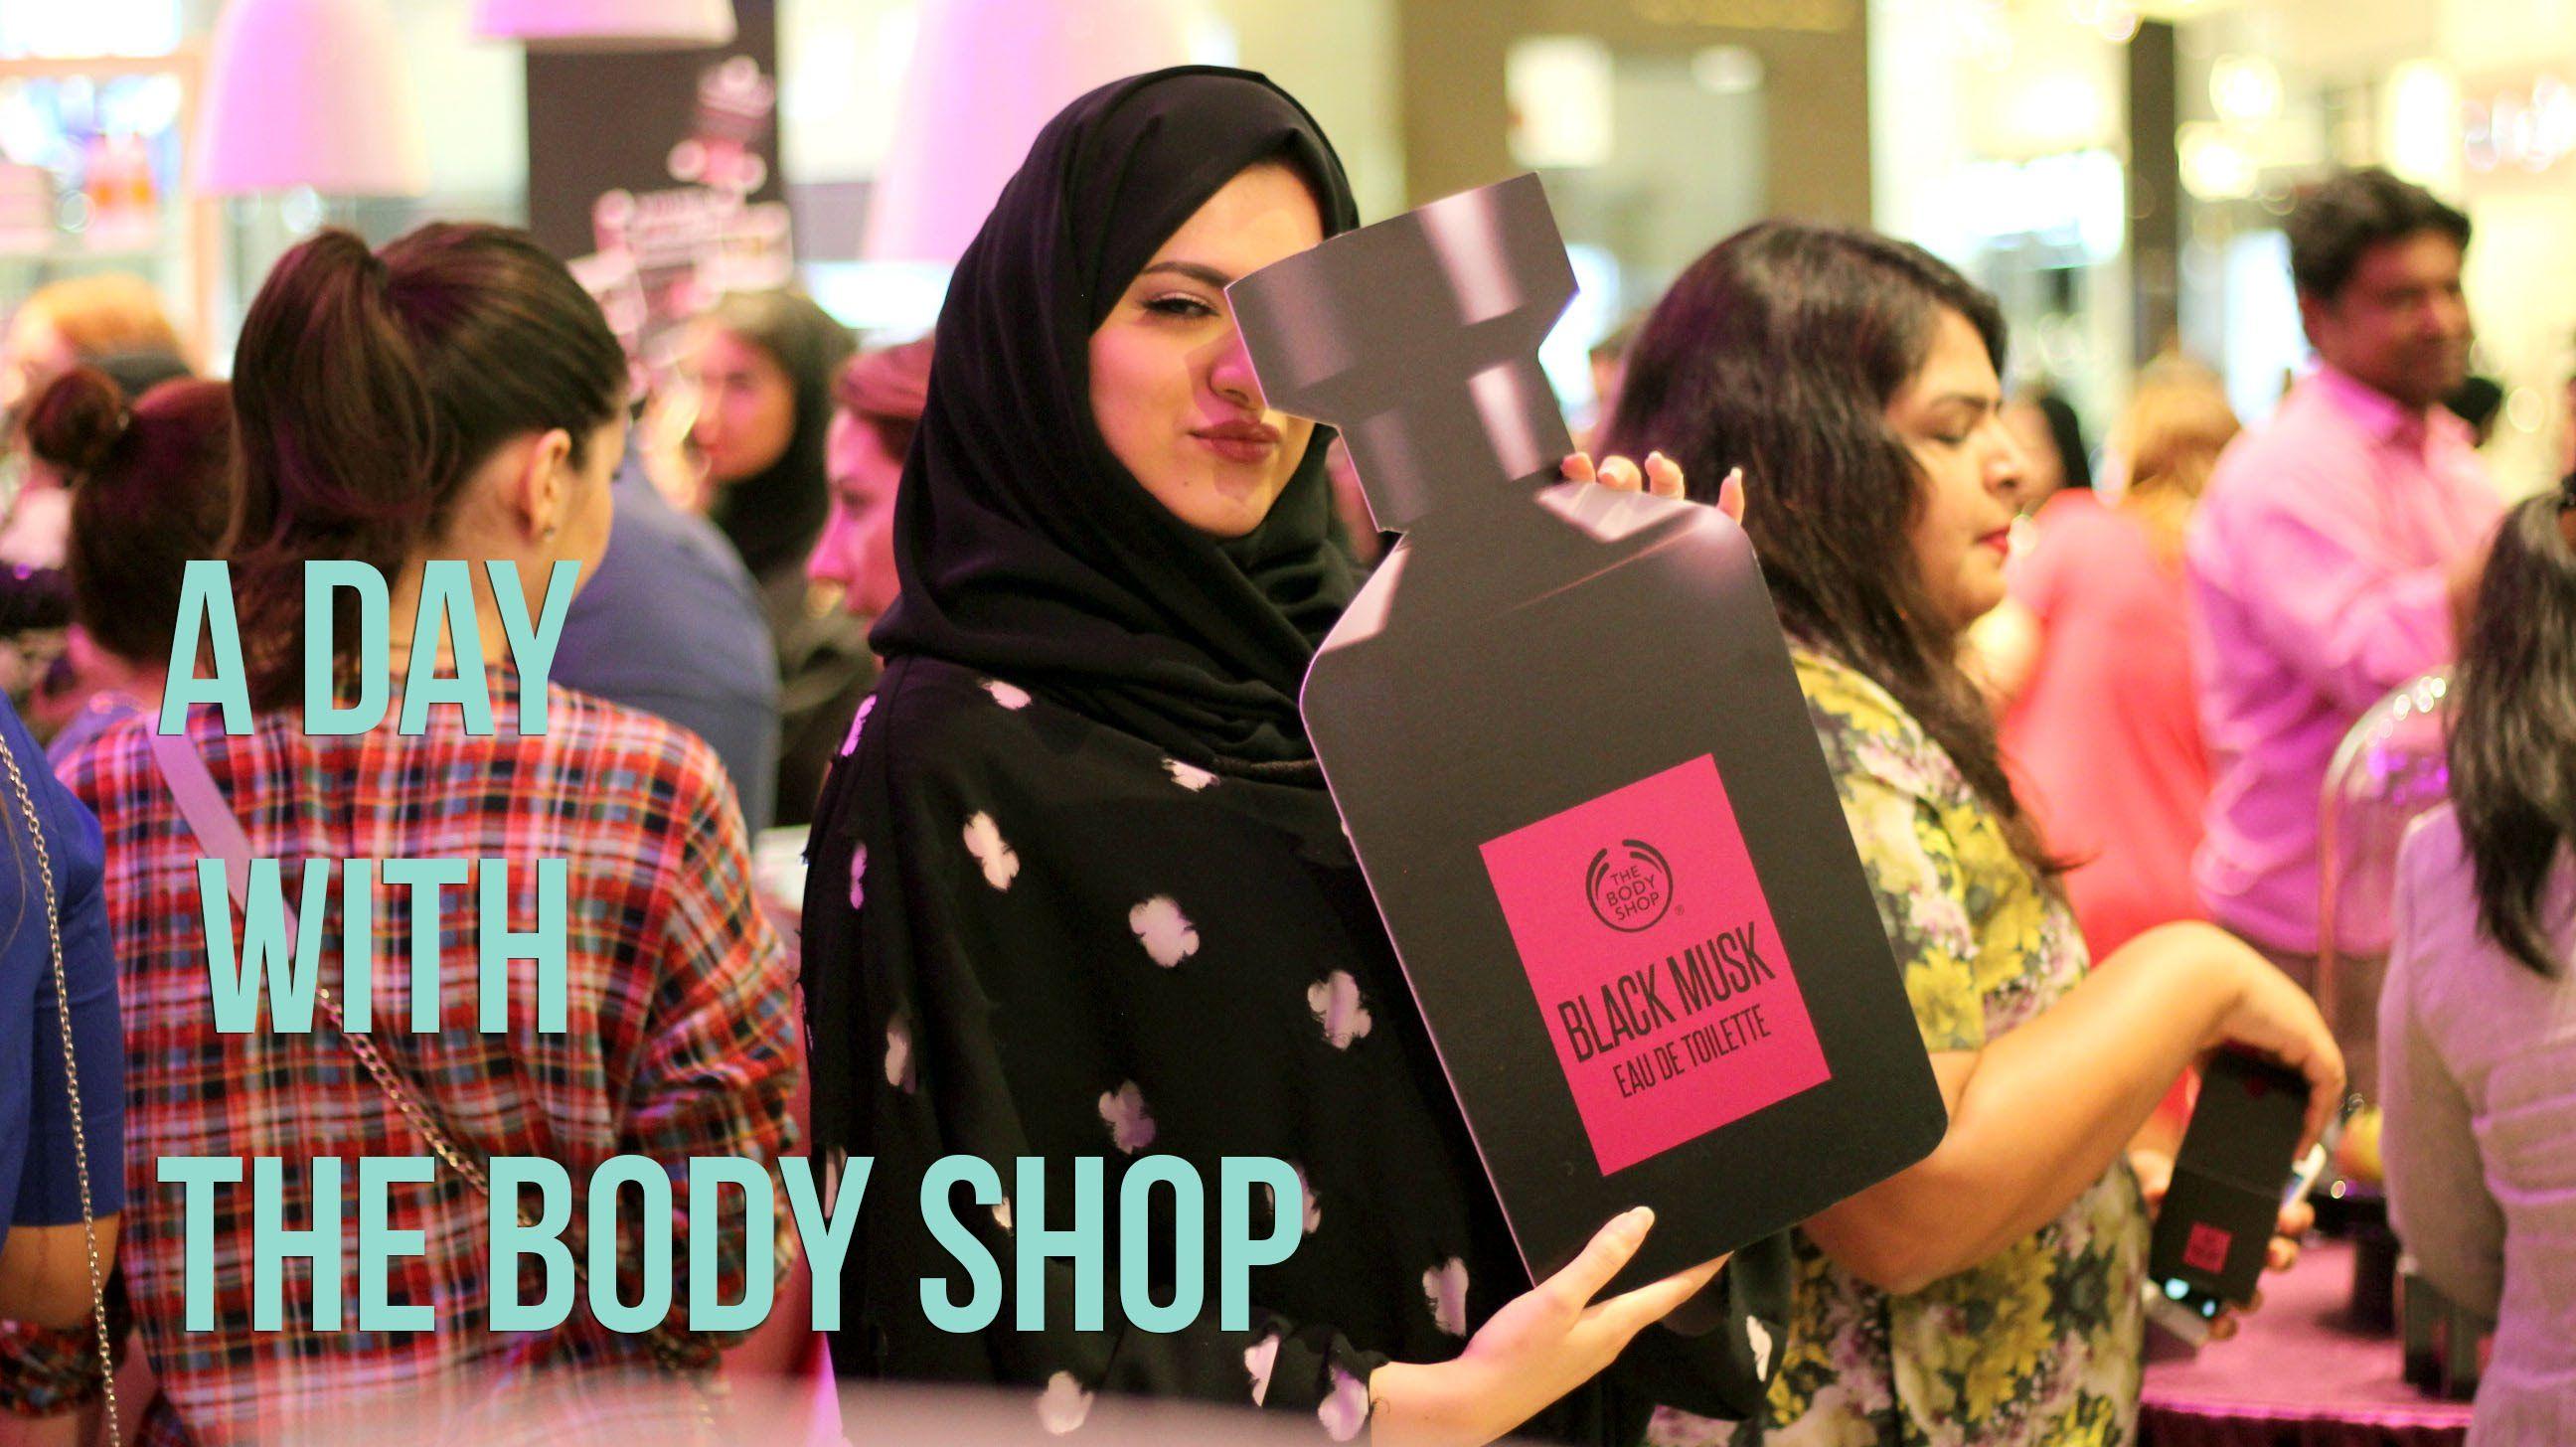 عطر المسك الأسود مقابلتي مع فريق ذي بودي شوب و اختبار الروائح ٥ هدايا لمتابعاتي The Body Shop Body Day